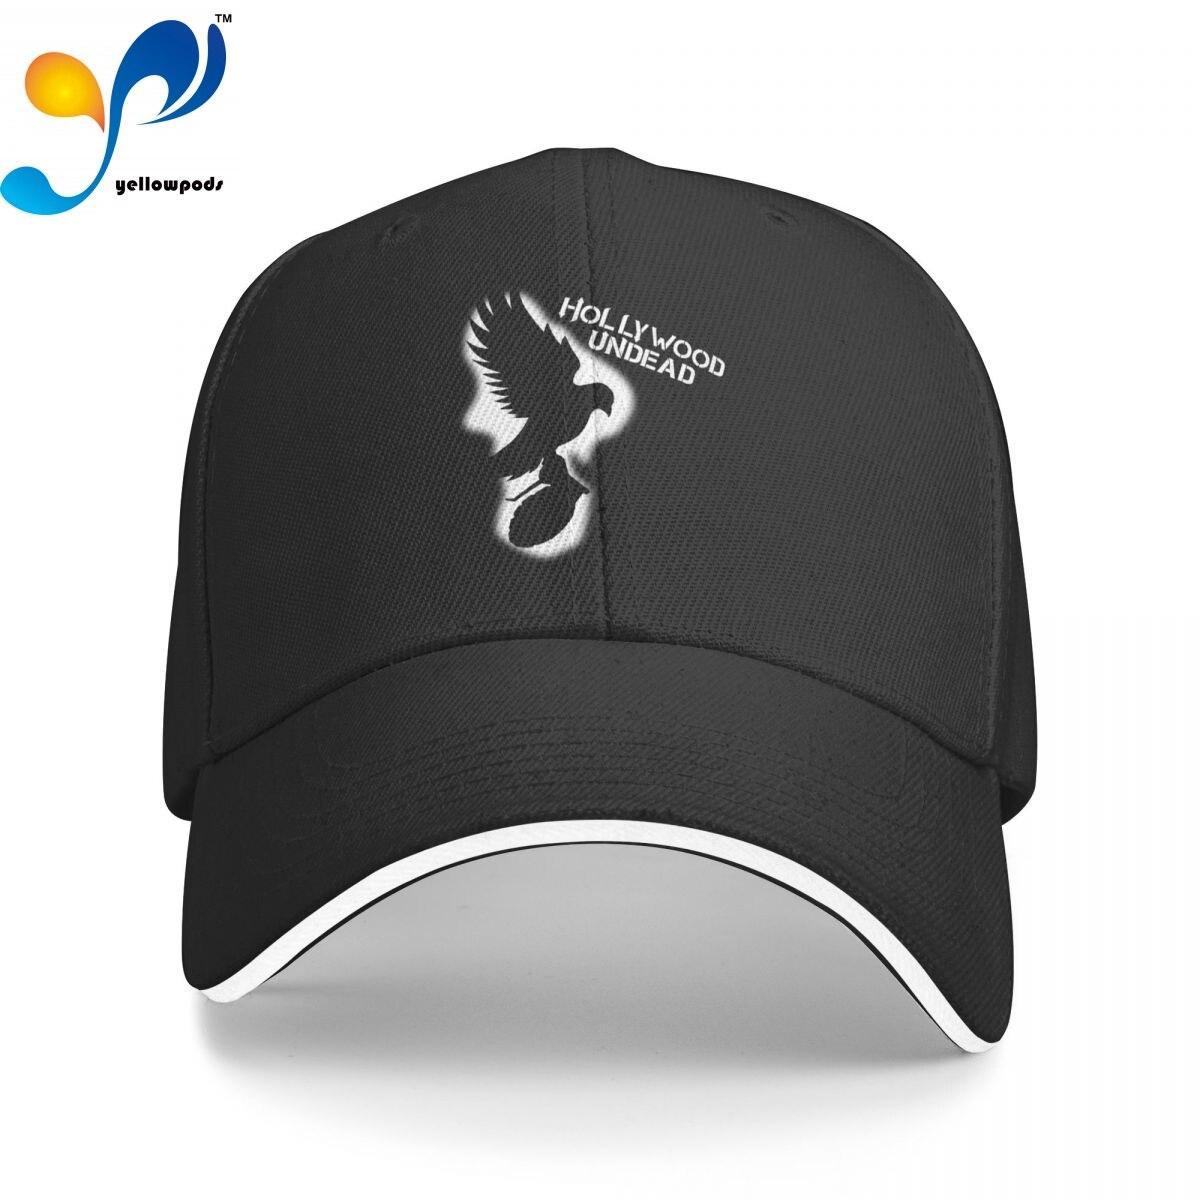 Хлопковая кепка унисекс для женщин и мужчин, модная бейсболка с логотипом Hollywood Undead, регулируемая уличная шапка